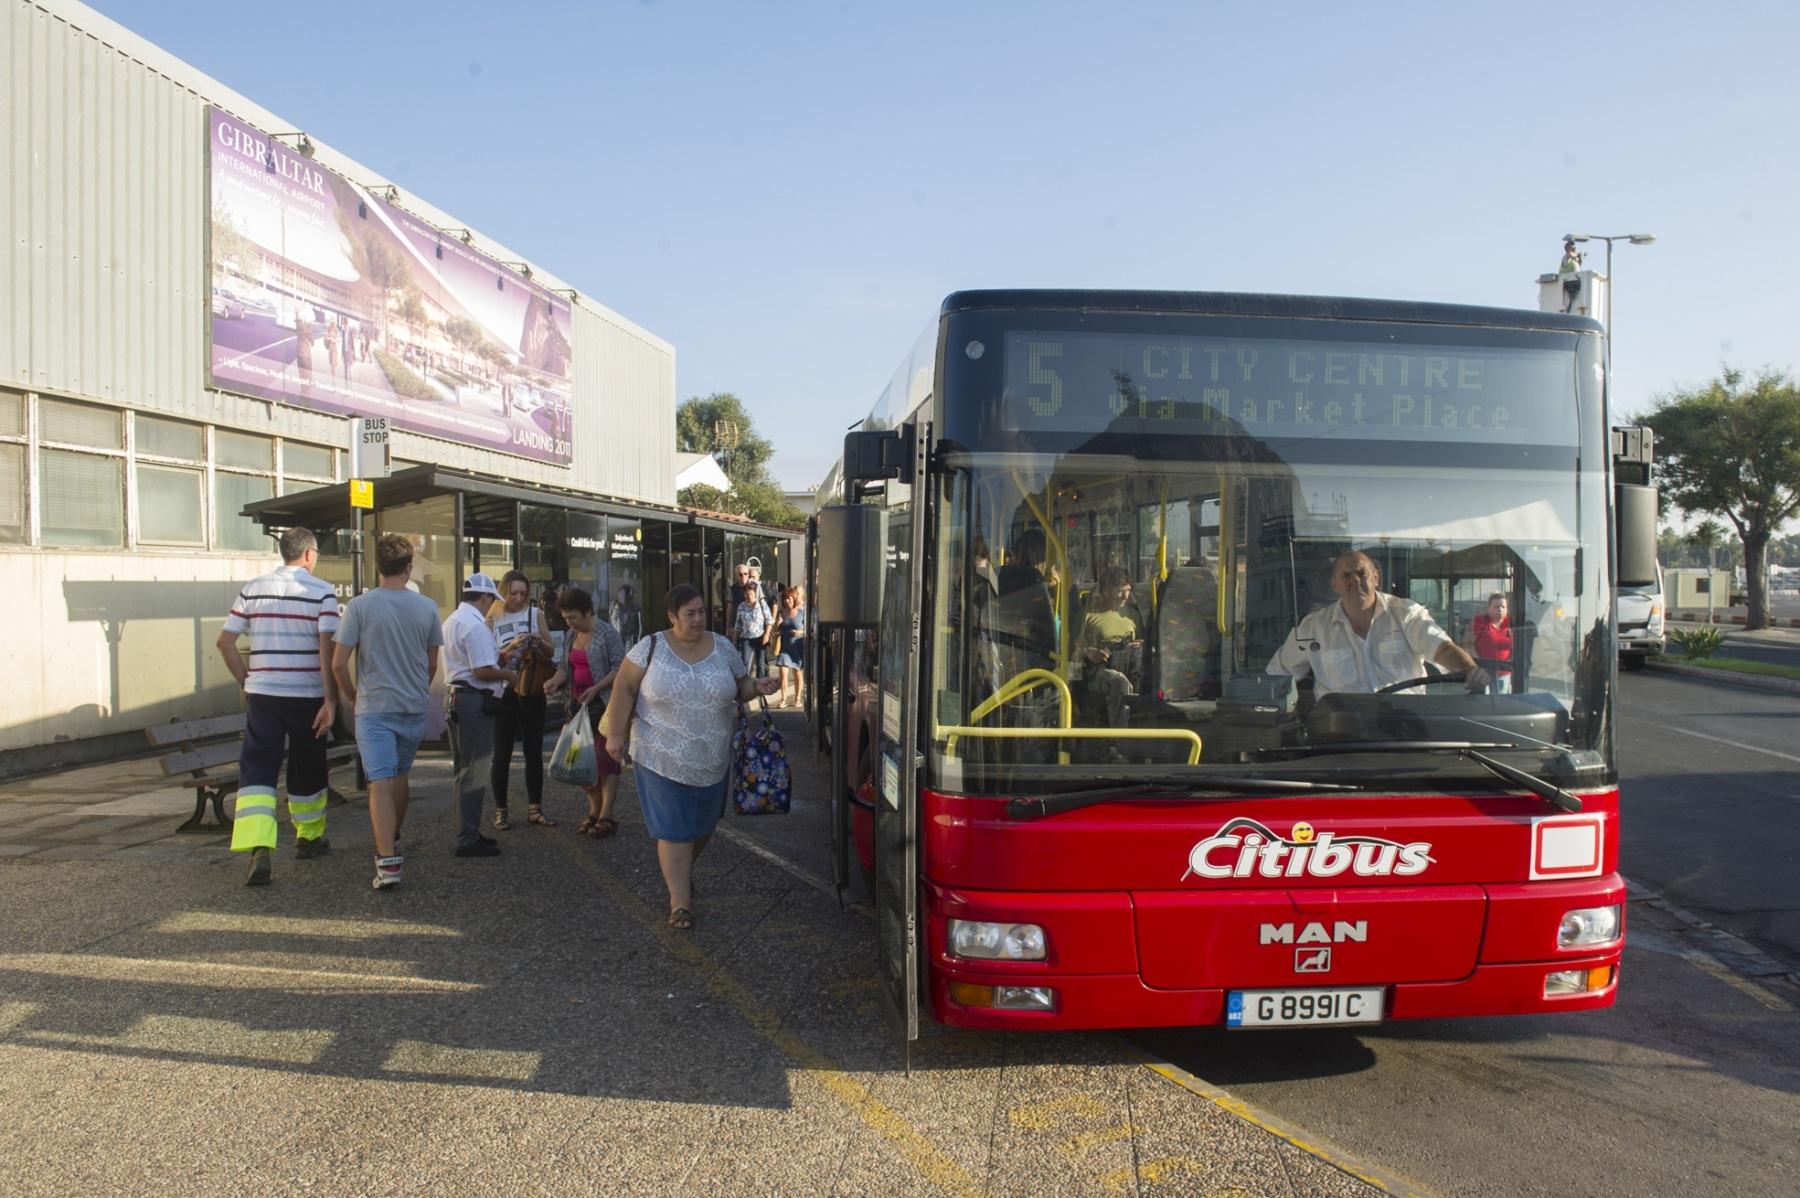 gibraltar-cuenta-con-una-importante-red-de-autobuses-urbanos-para-su-reducido-tamao-y-son-una-forma-ptima-y-barata-de-desplazarse-por-todo-el-pen_22714502166_o